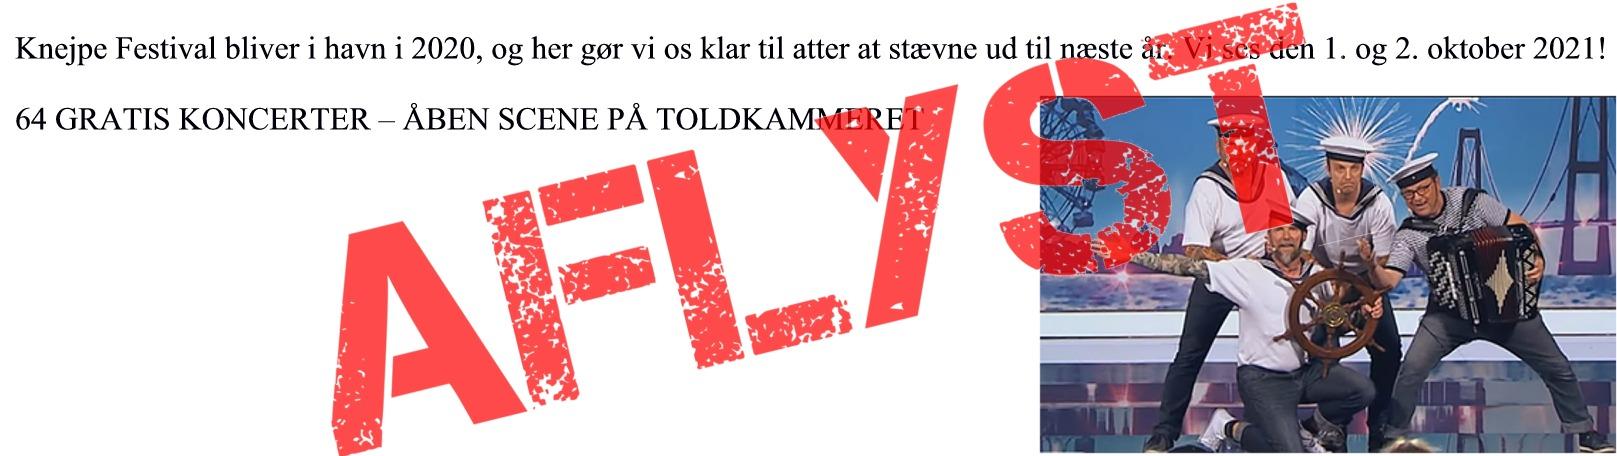 Knejpe festival Helsingør